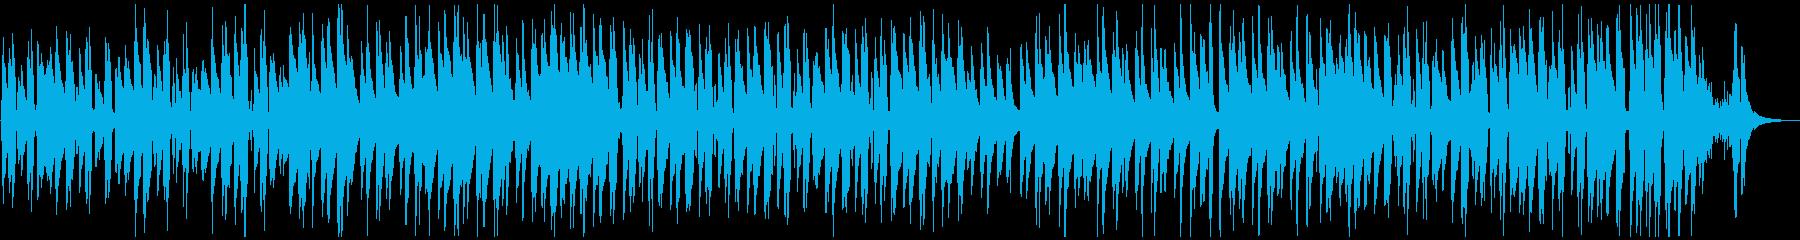 ウクレレのシンプルなほのぼの曲の再生済みの波形